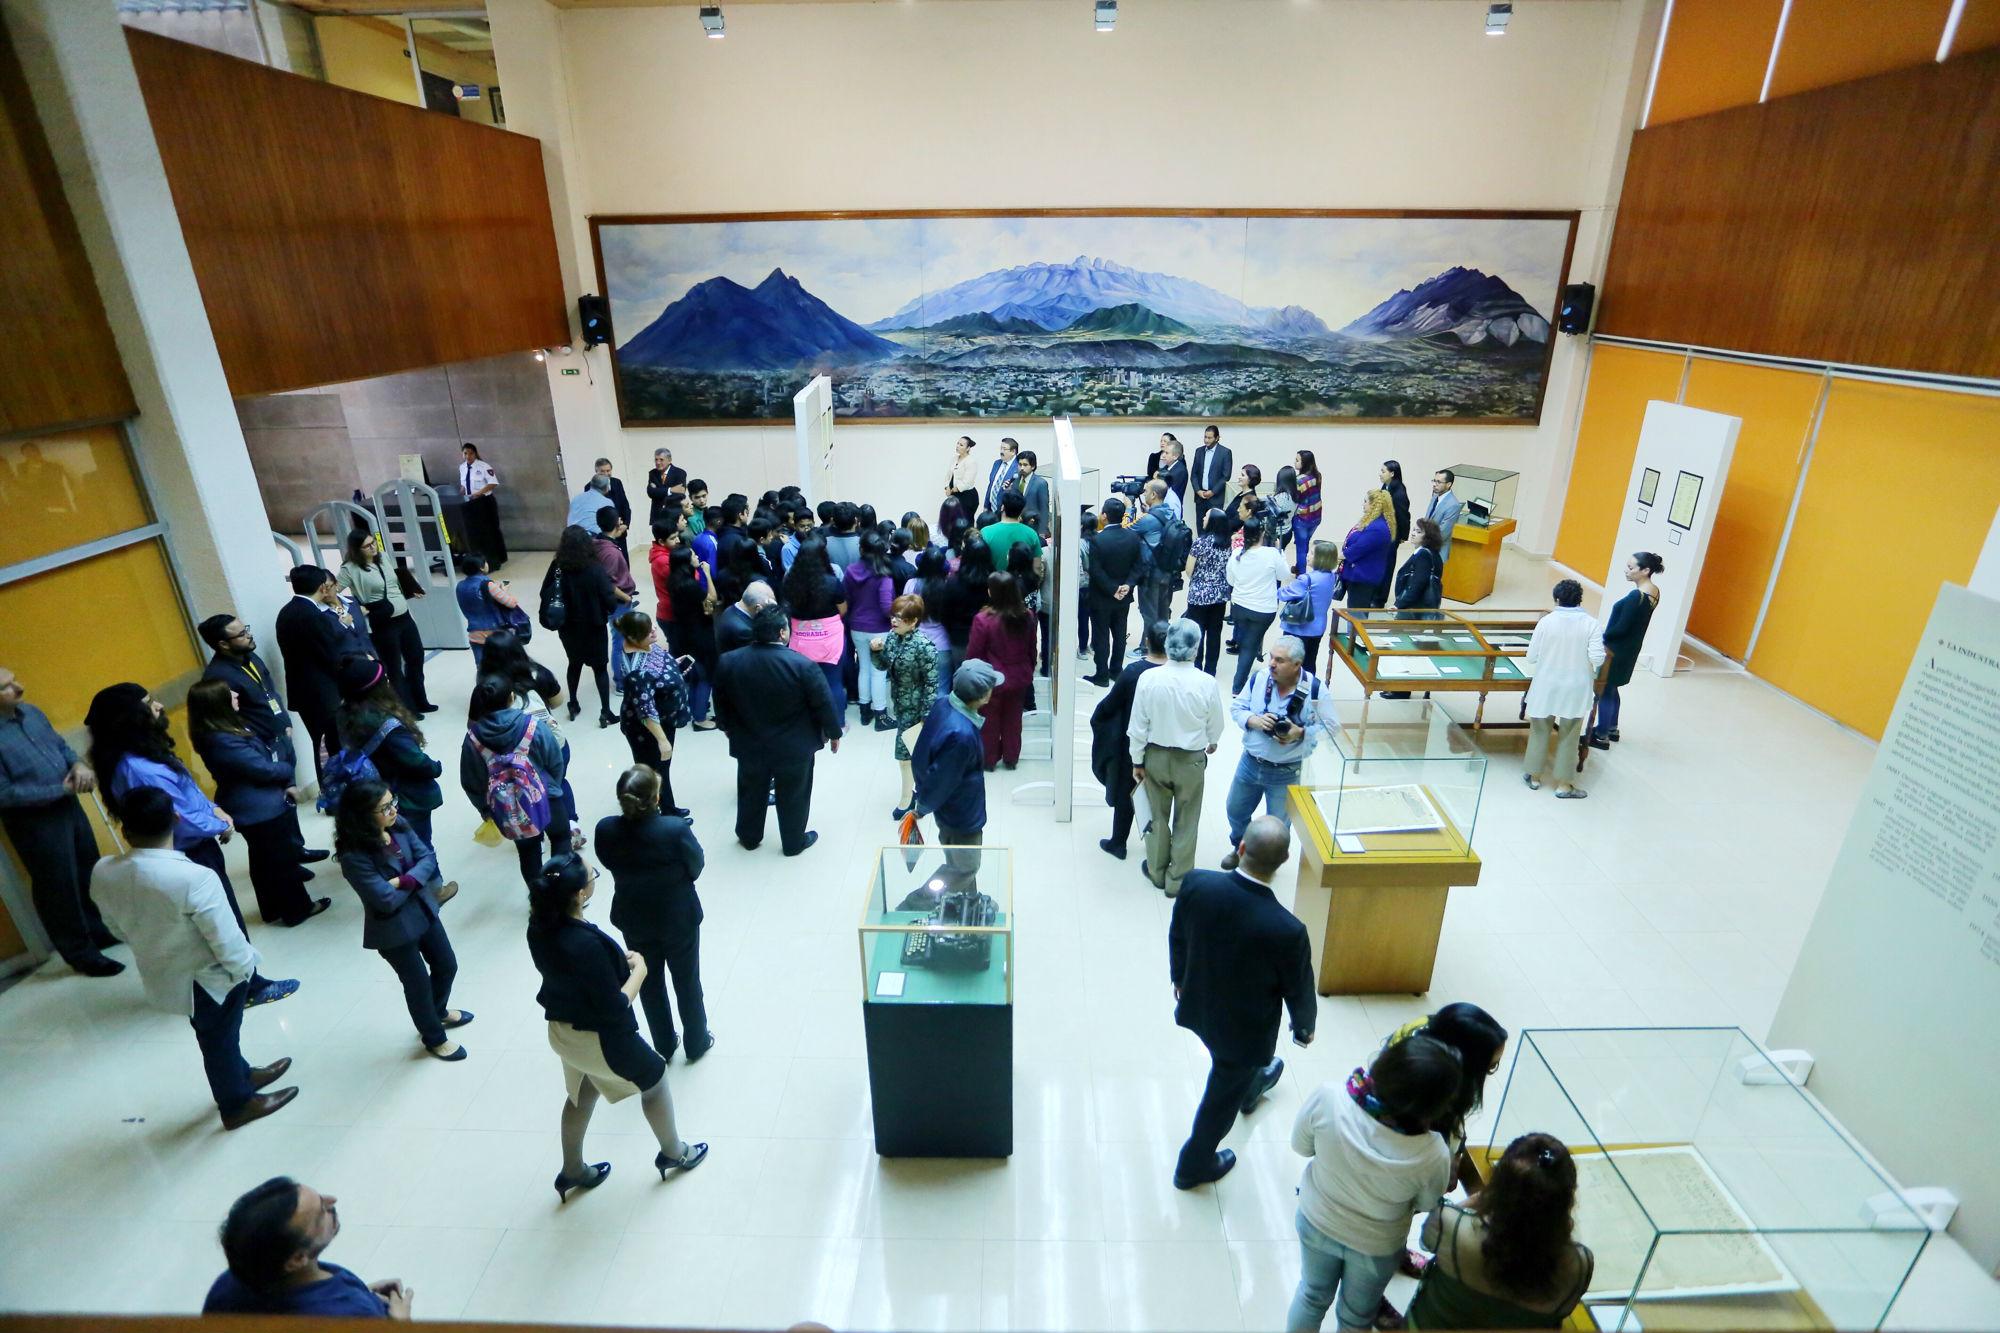 La exhibición se encuentra en el vestíbulo de la Capilla Alfonsina Biblioteca Universitaria